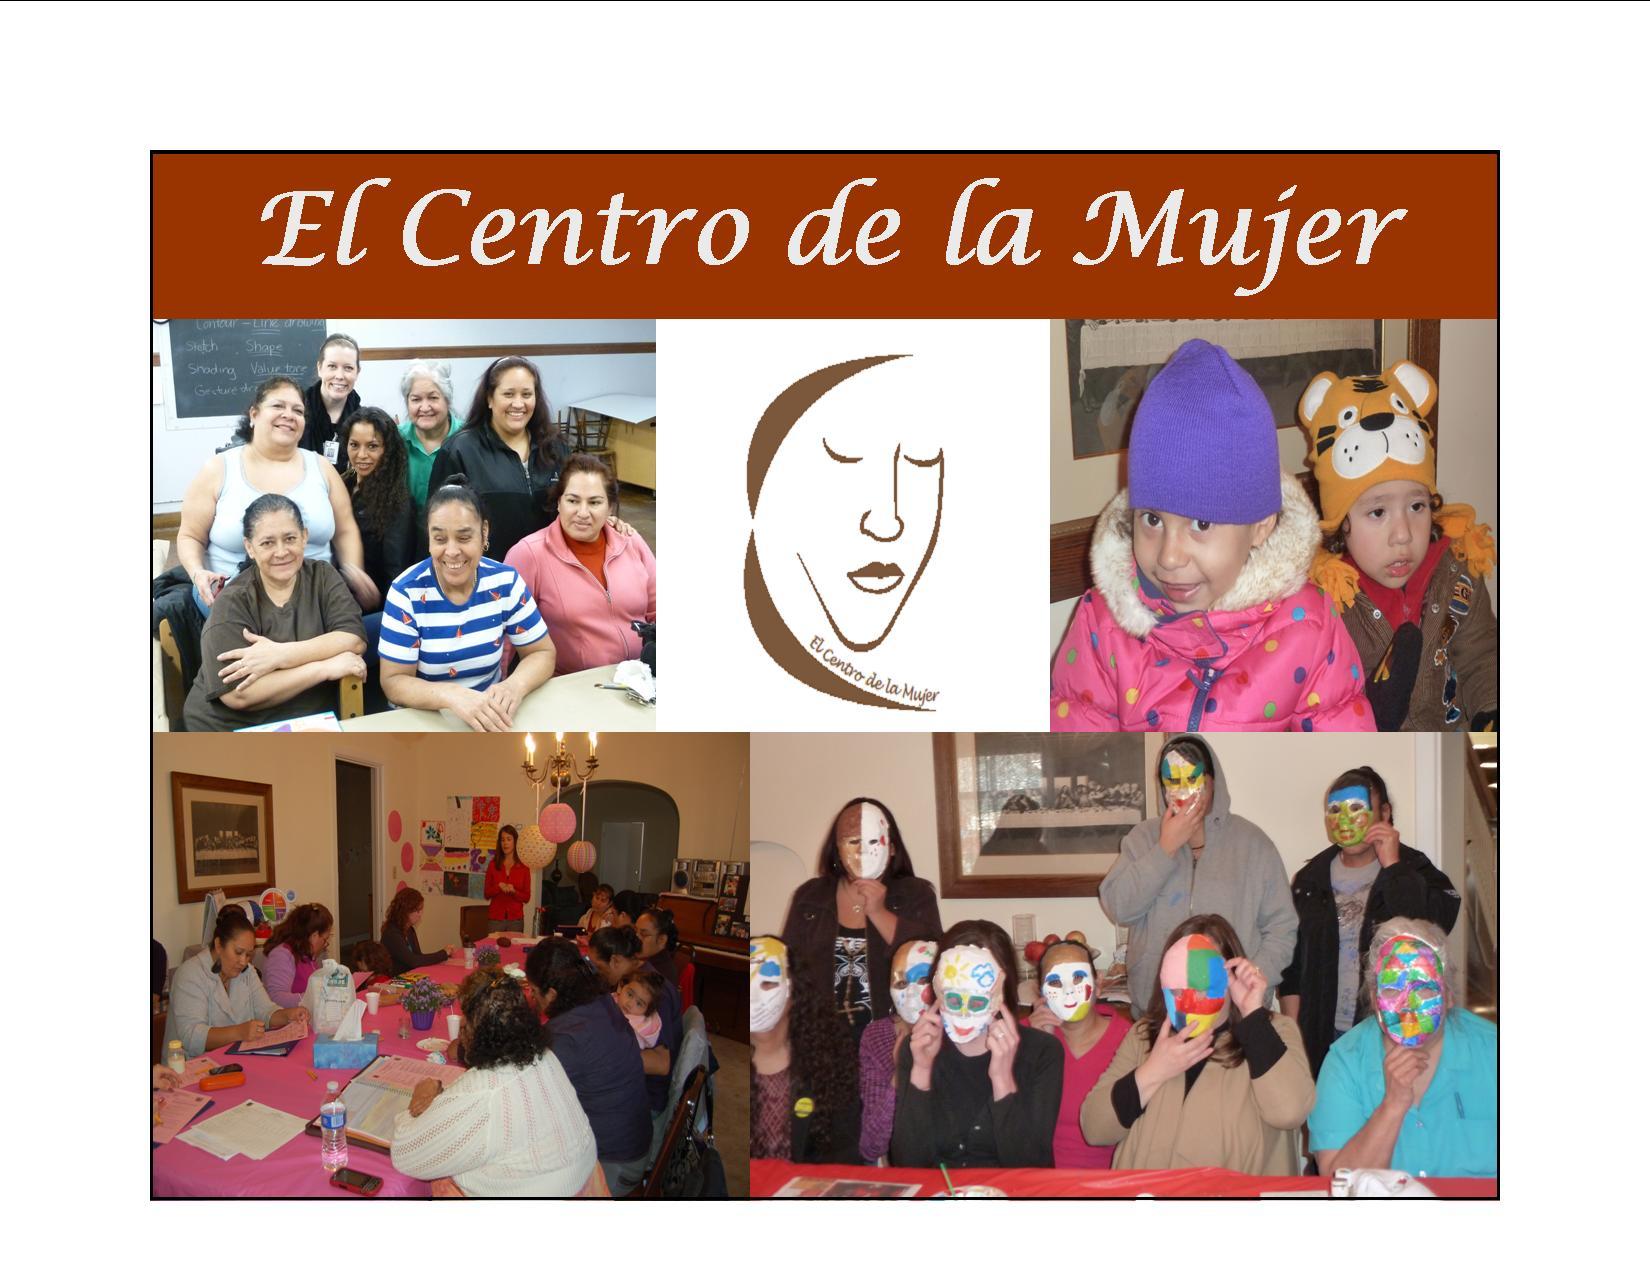 El Centro de la Mujer logo